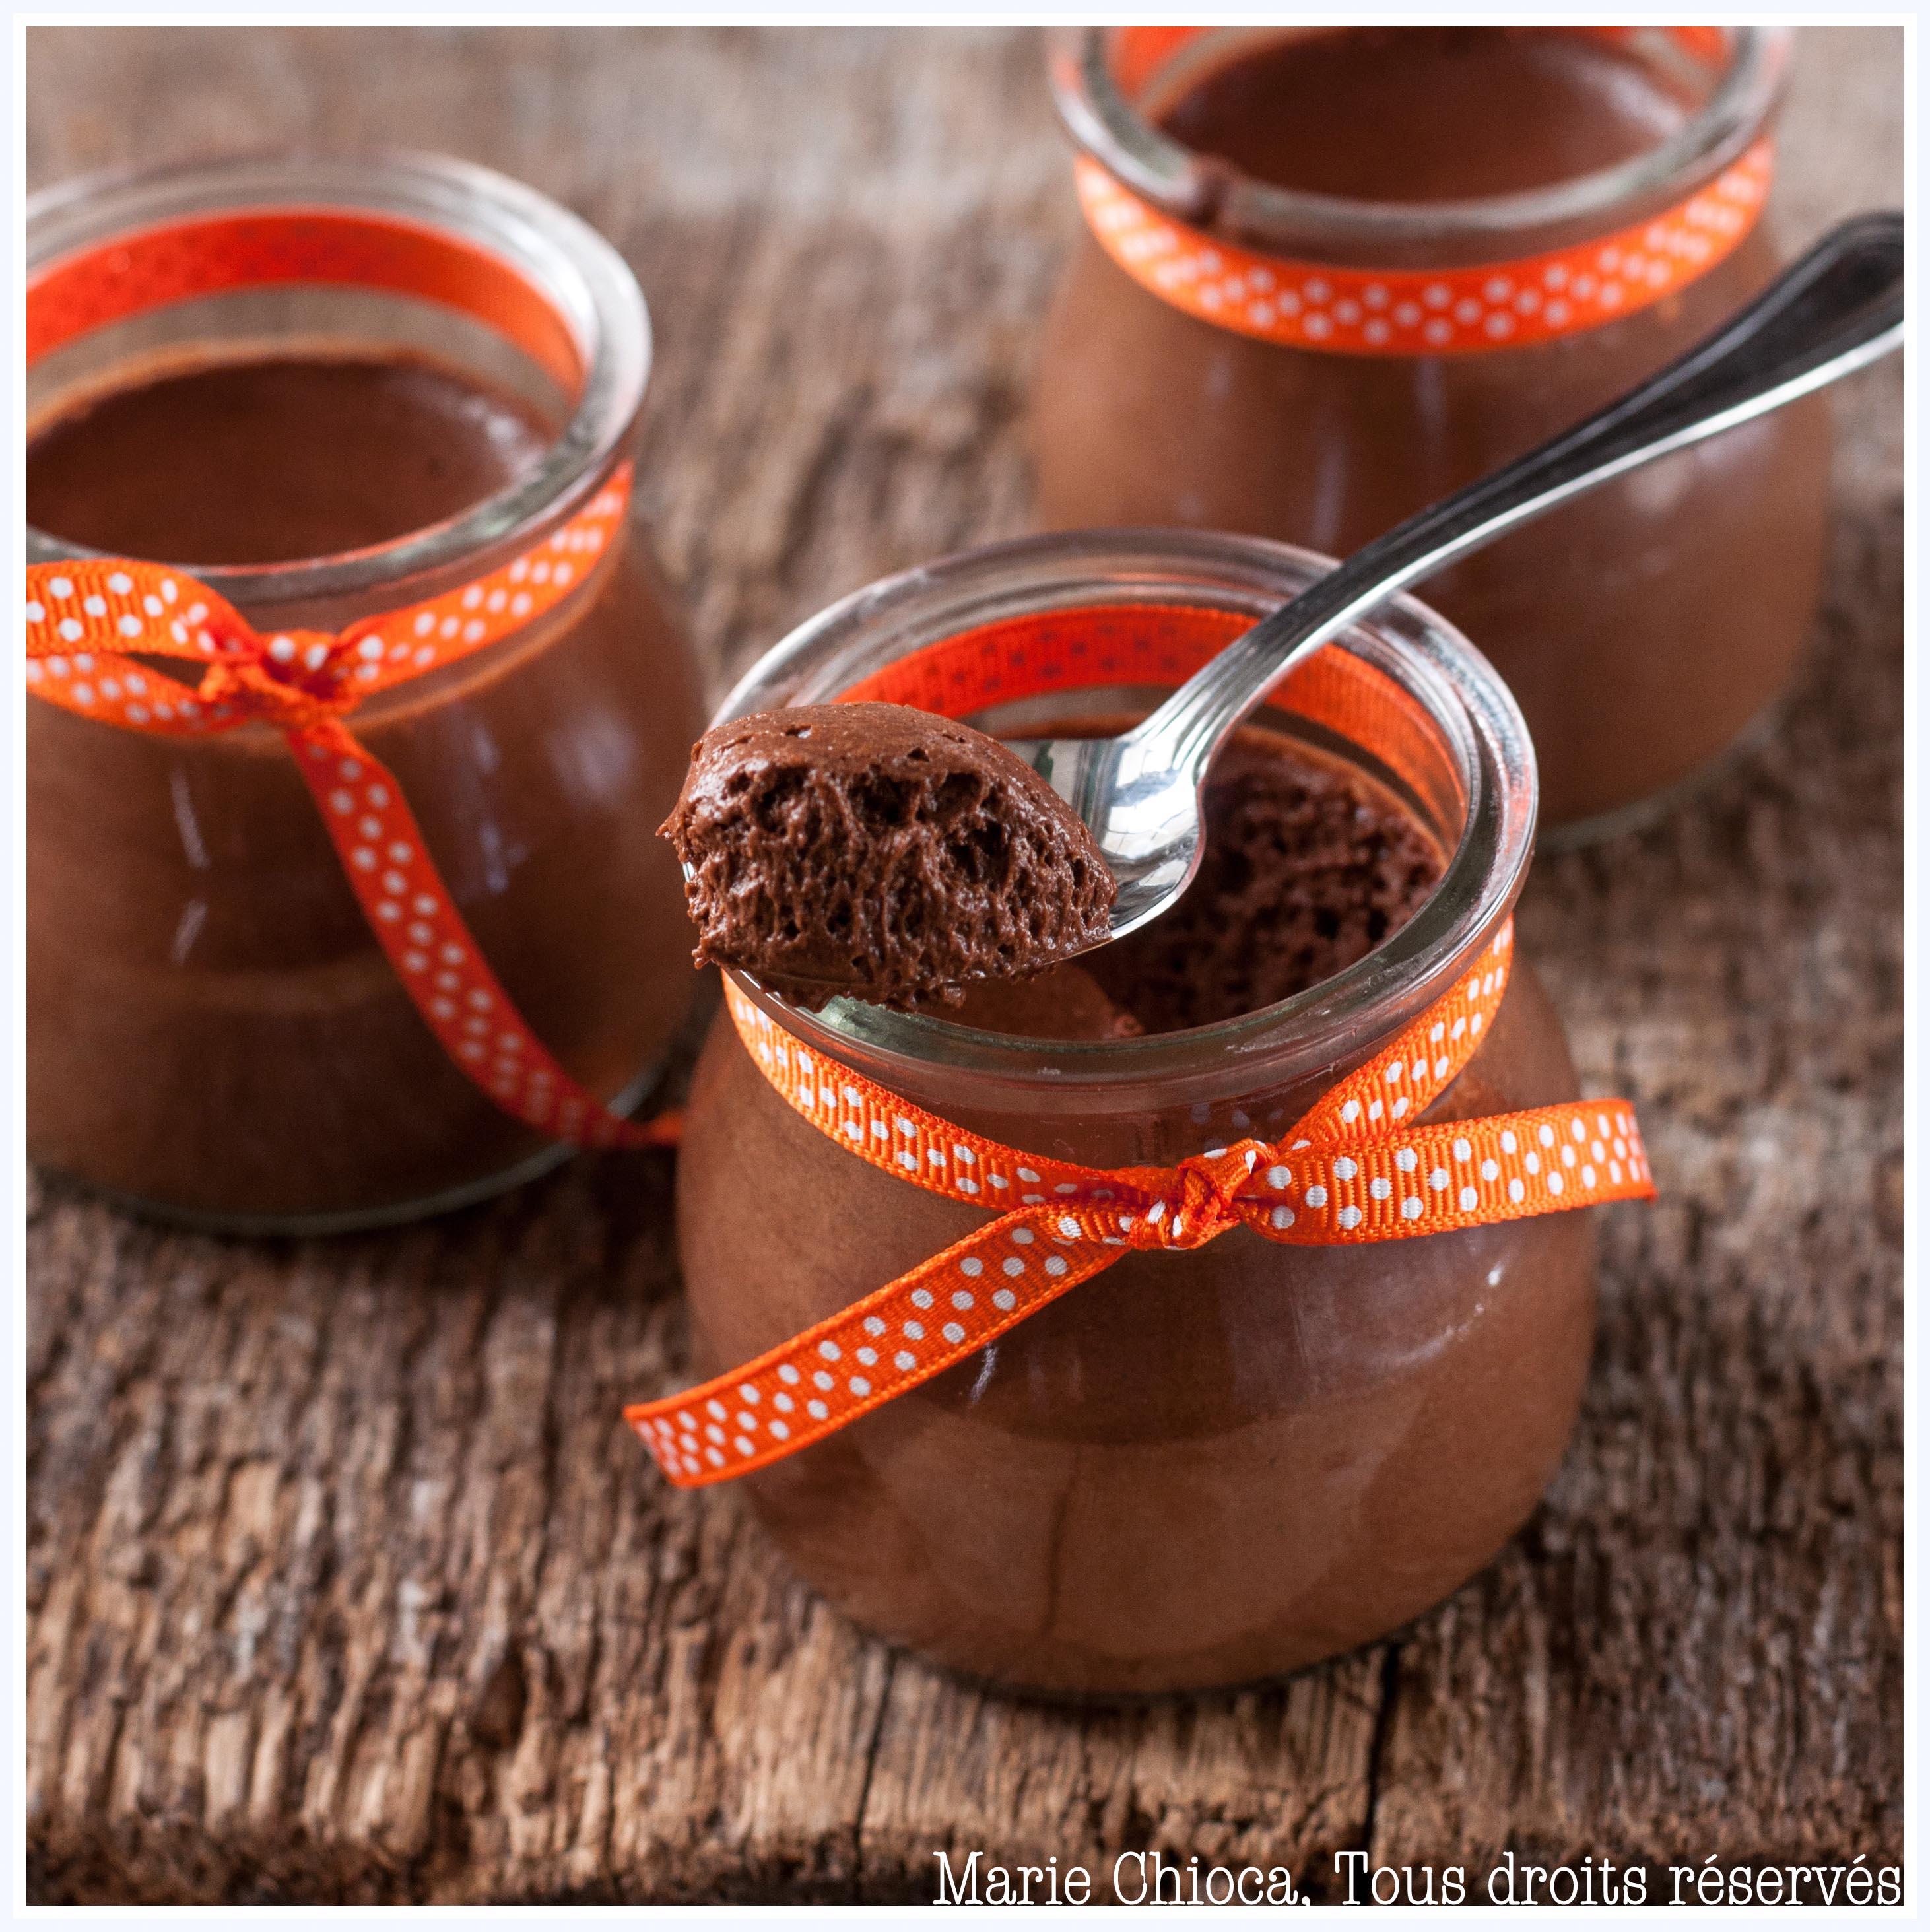 mousse au chocolat et à l'orange douce (photo altenrative) copie-2-2